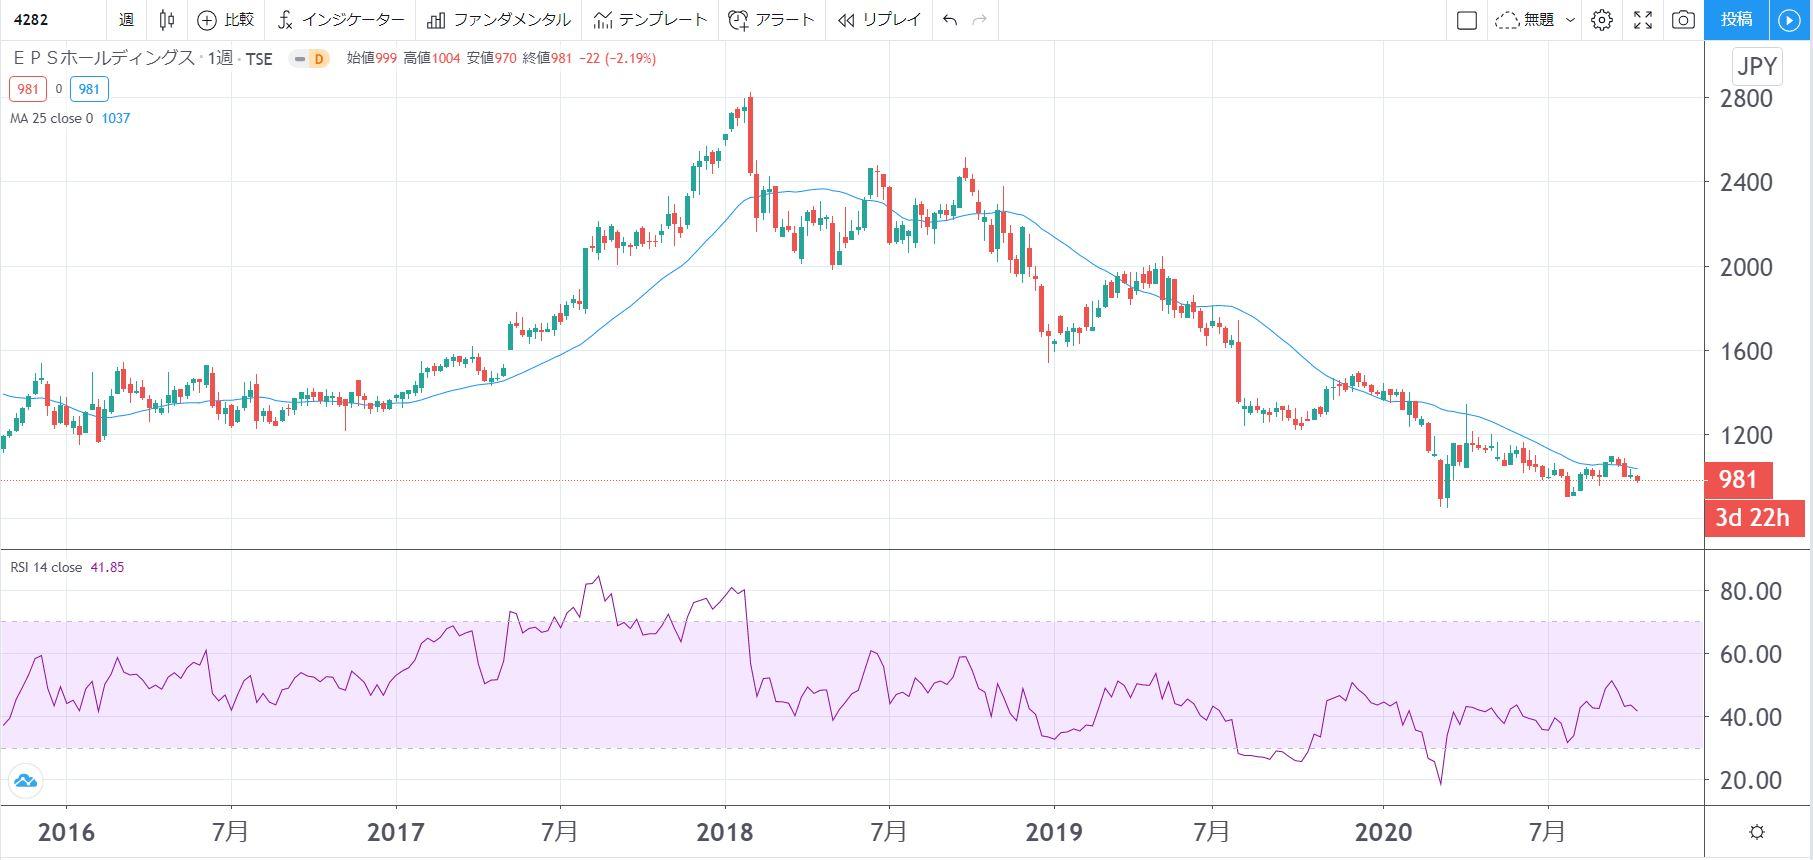 5年株価チャート-EPSホールディングス